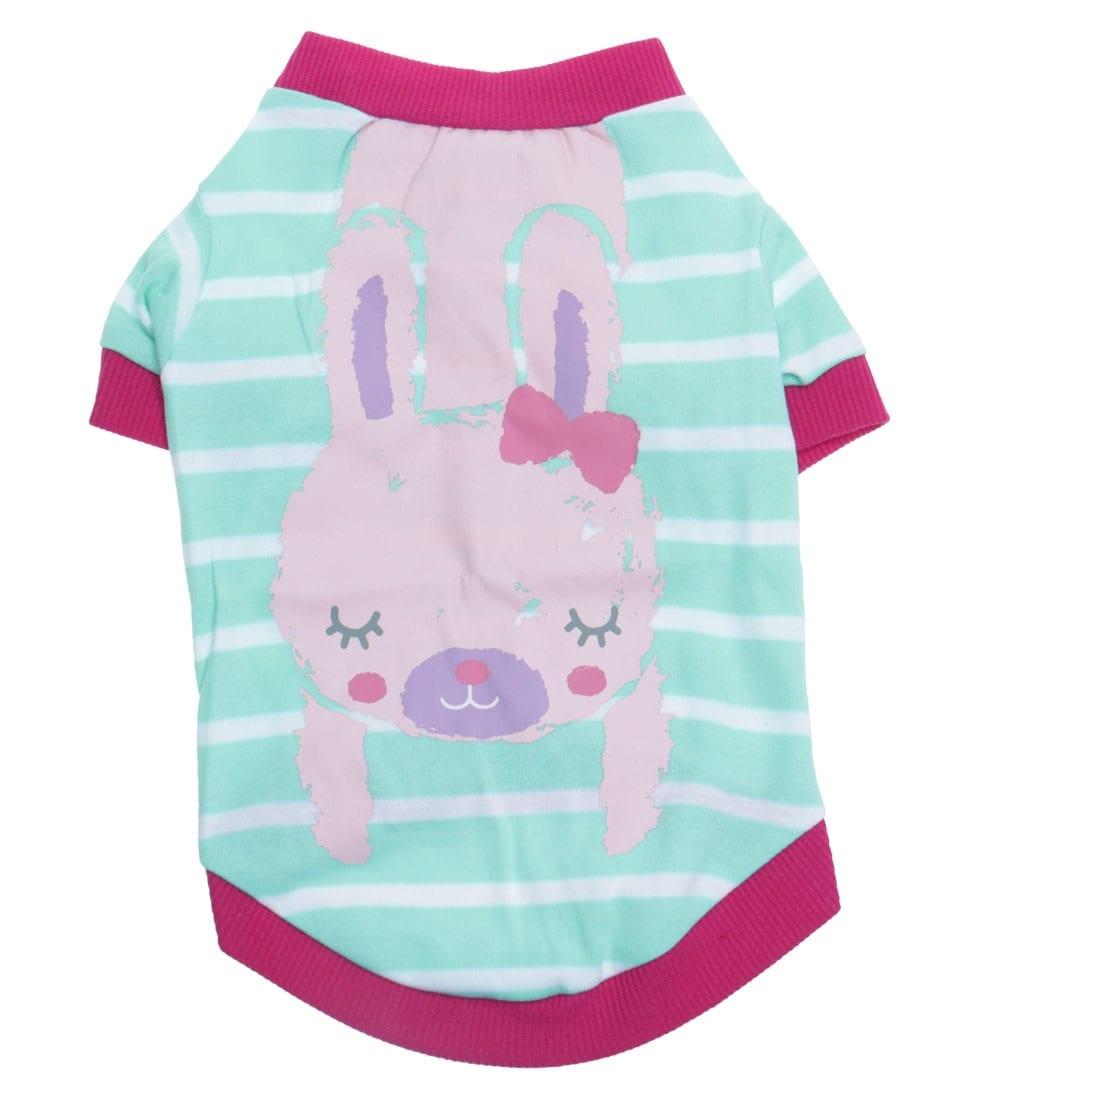 Dog T Shirt Puppy Small Pet Cat Sweatshirt Tops Clothes Apparel Vest Clothing (L)